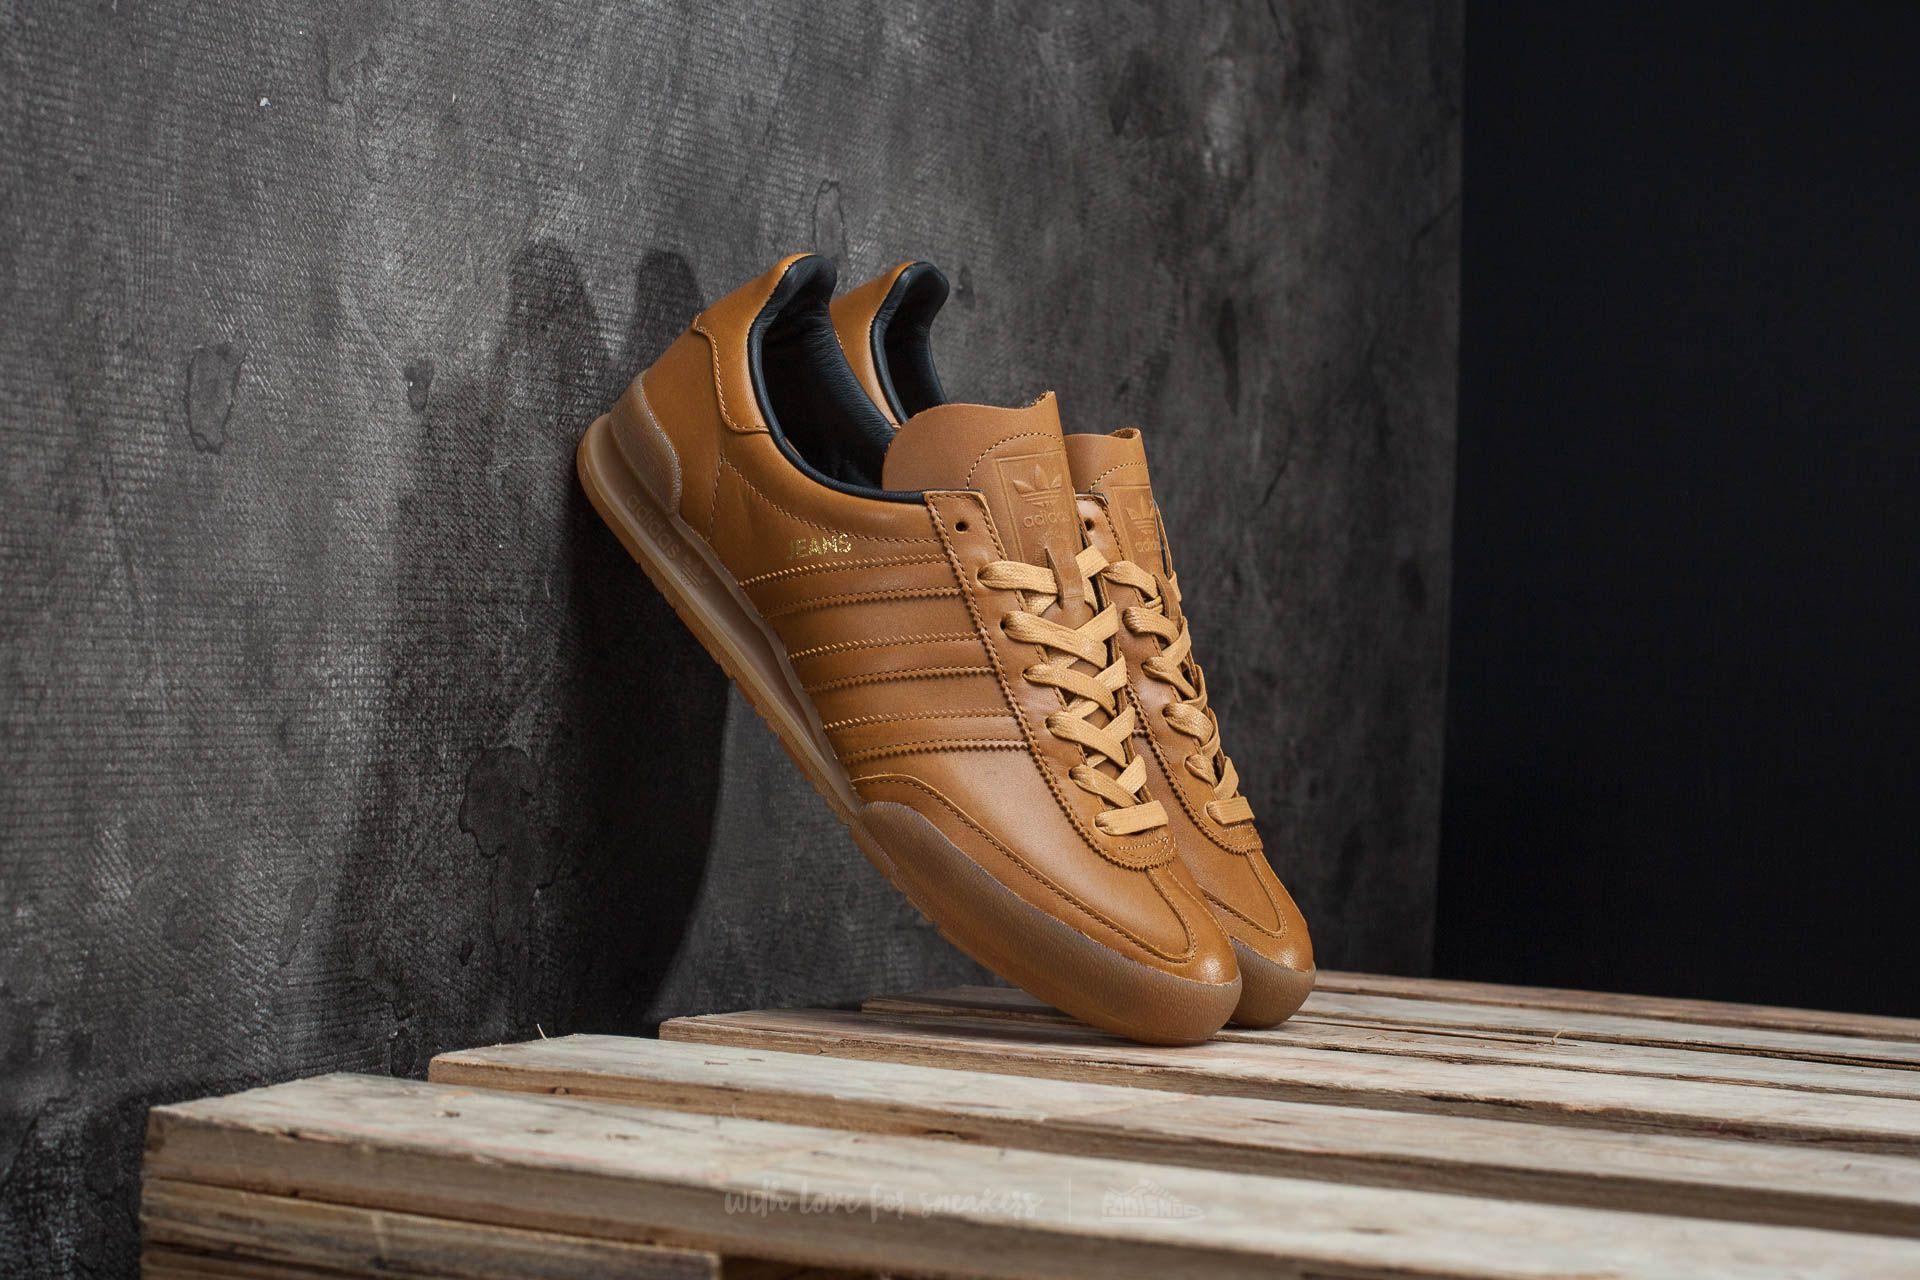 codicioso Contratado Desacuerdo  Men's shoes adidas Jeans MKII Mesa/ Mesa | Footshop